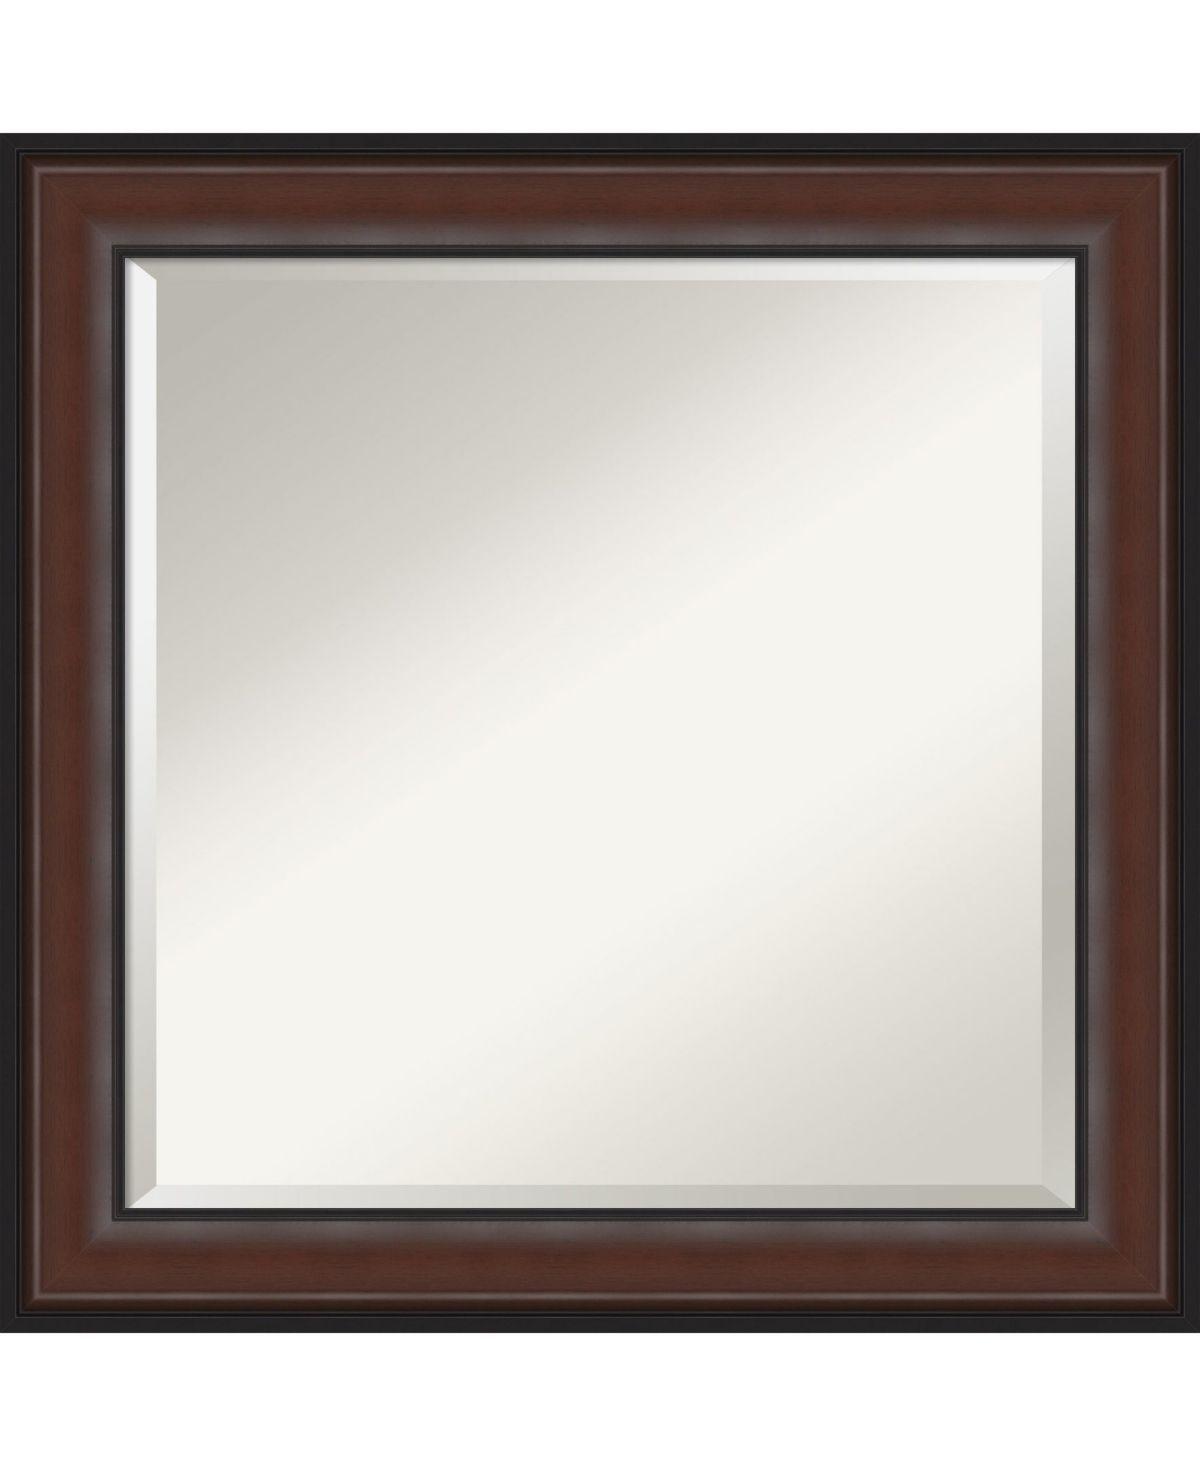 Harvard Gerahmte Badezimmer Eitelkeit Wand Spiegel 24 5 X 24 50 Vanity Wall Mirror Mirror Wall Mirror